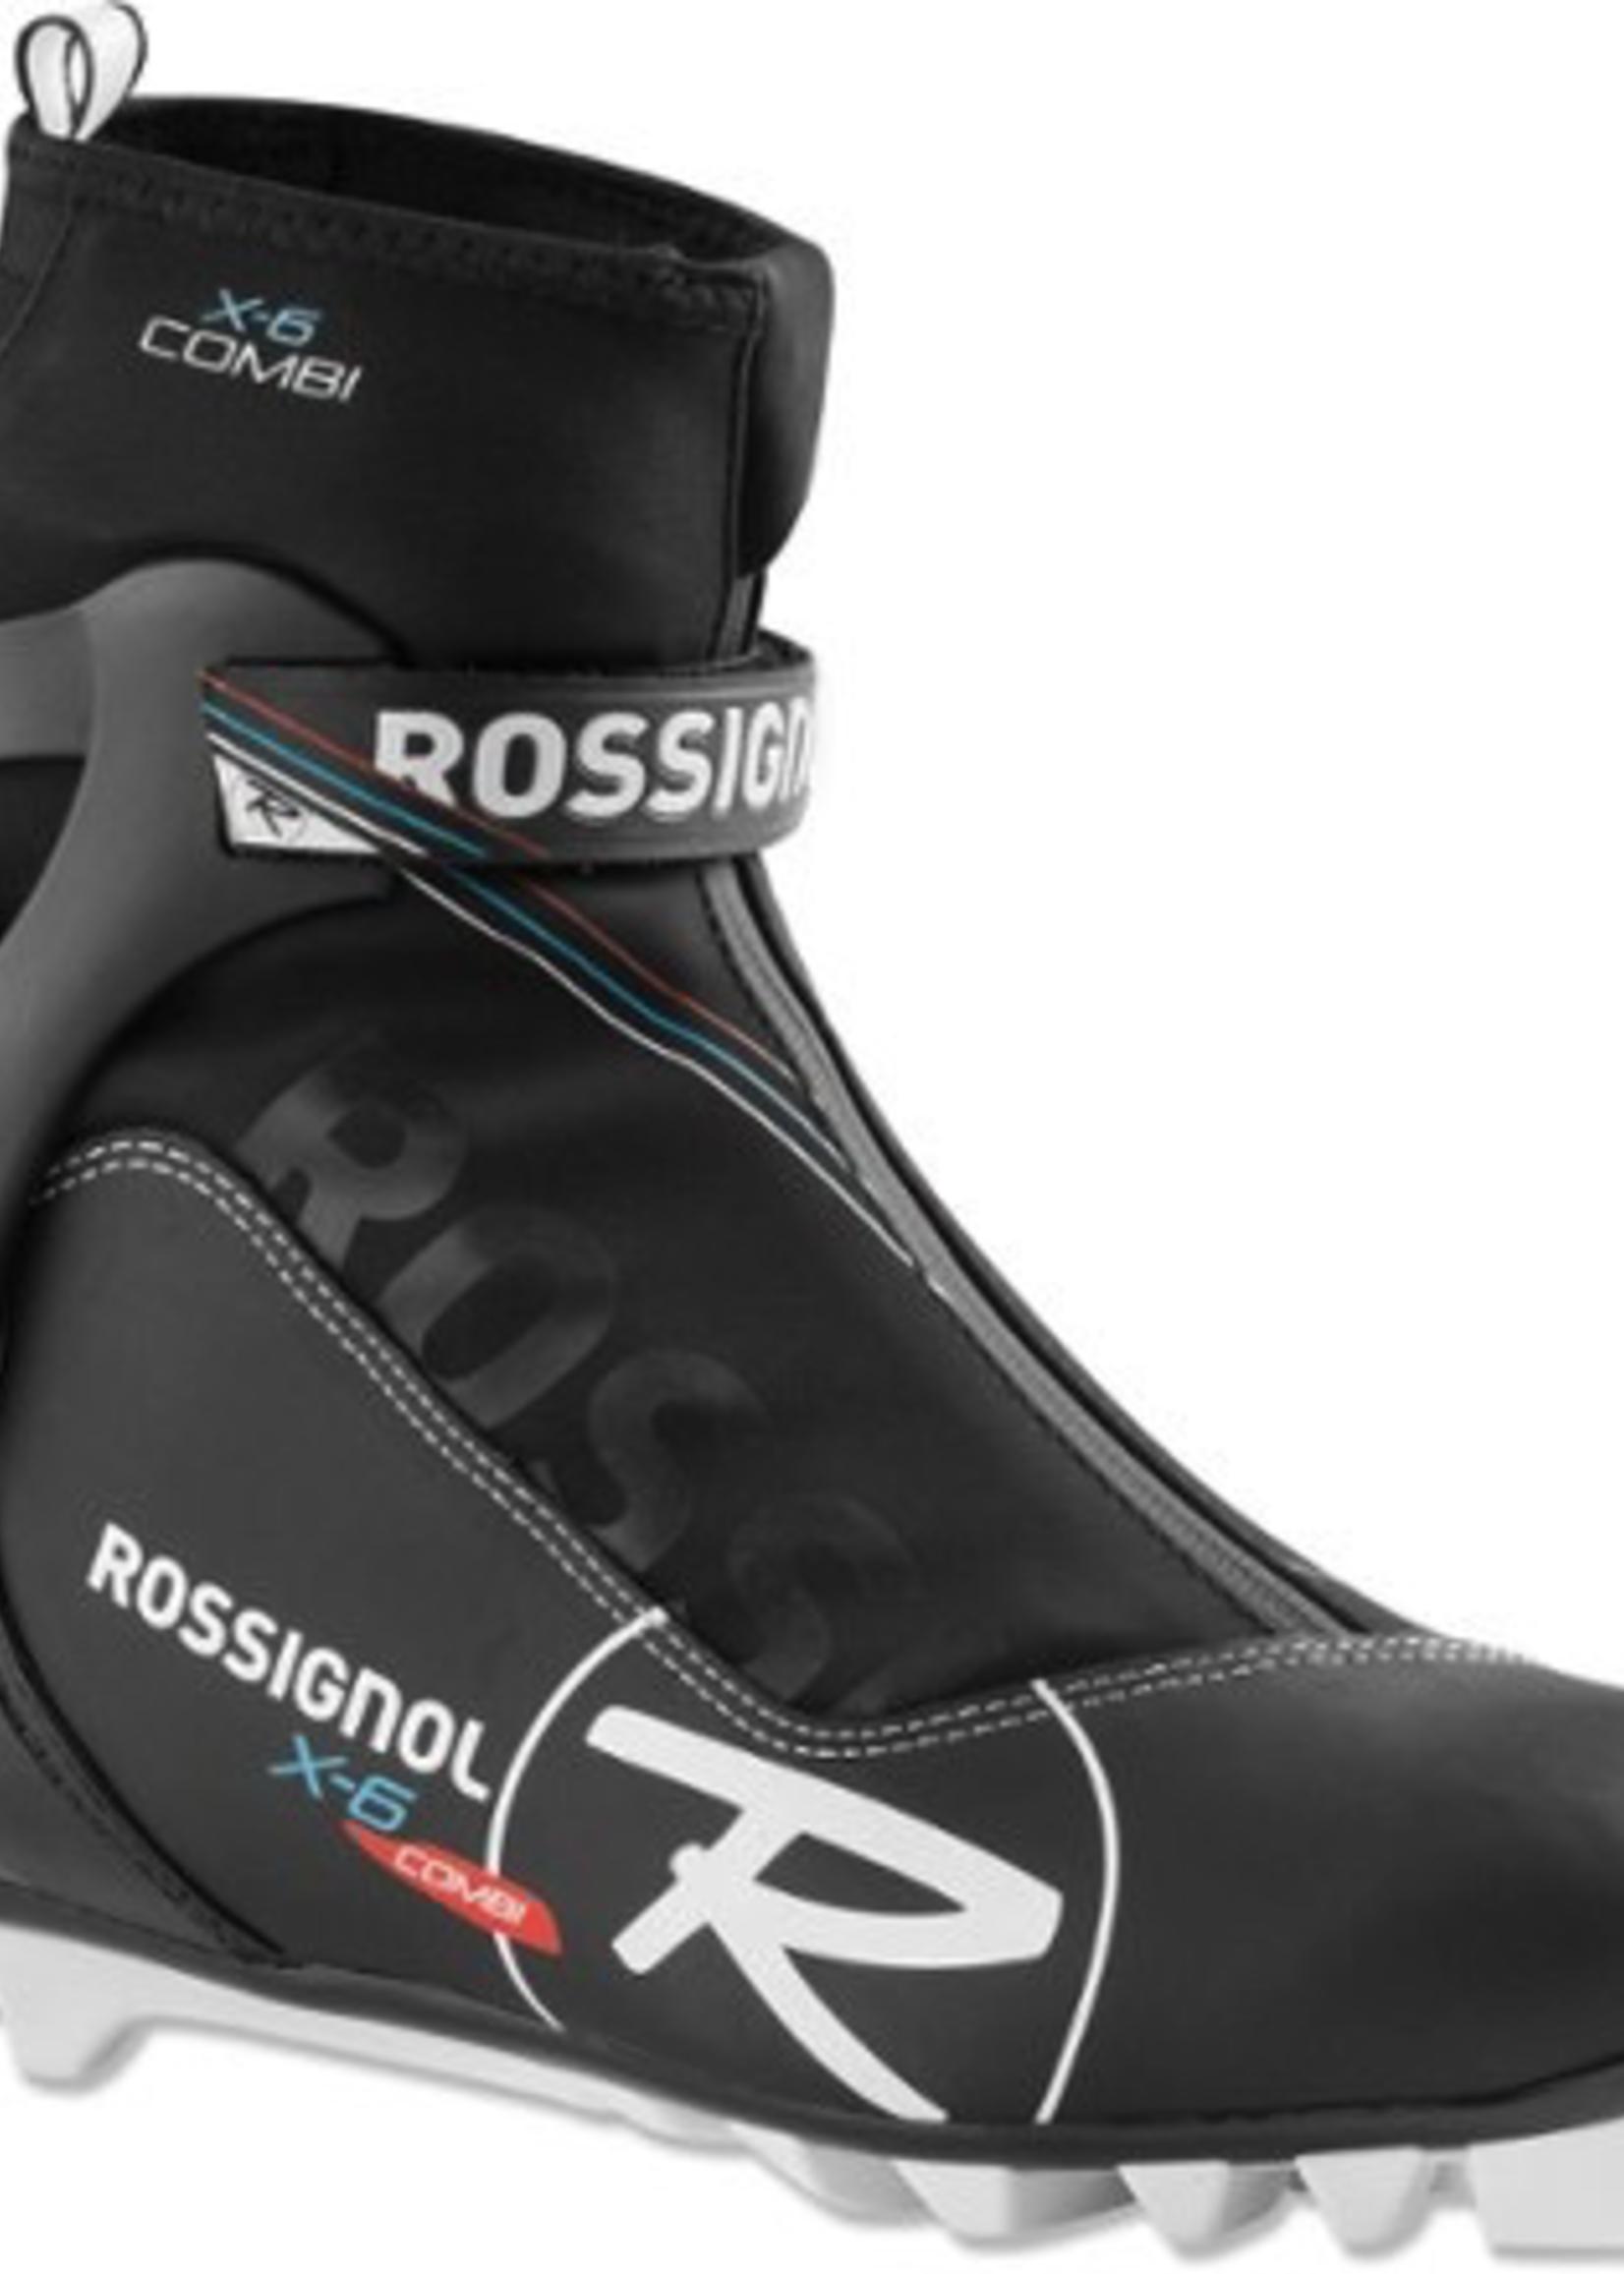 ROSSIGNOL ROSSIGNOL X6 COMBI XC BOOT